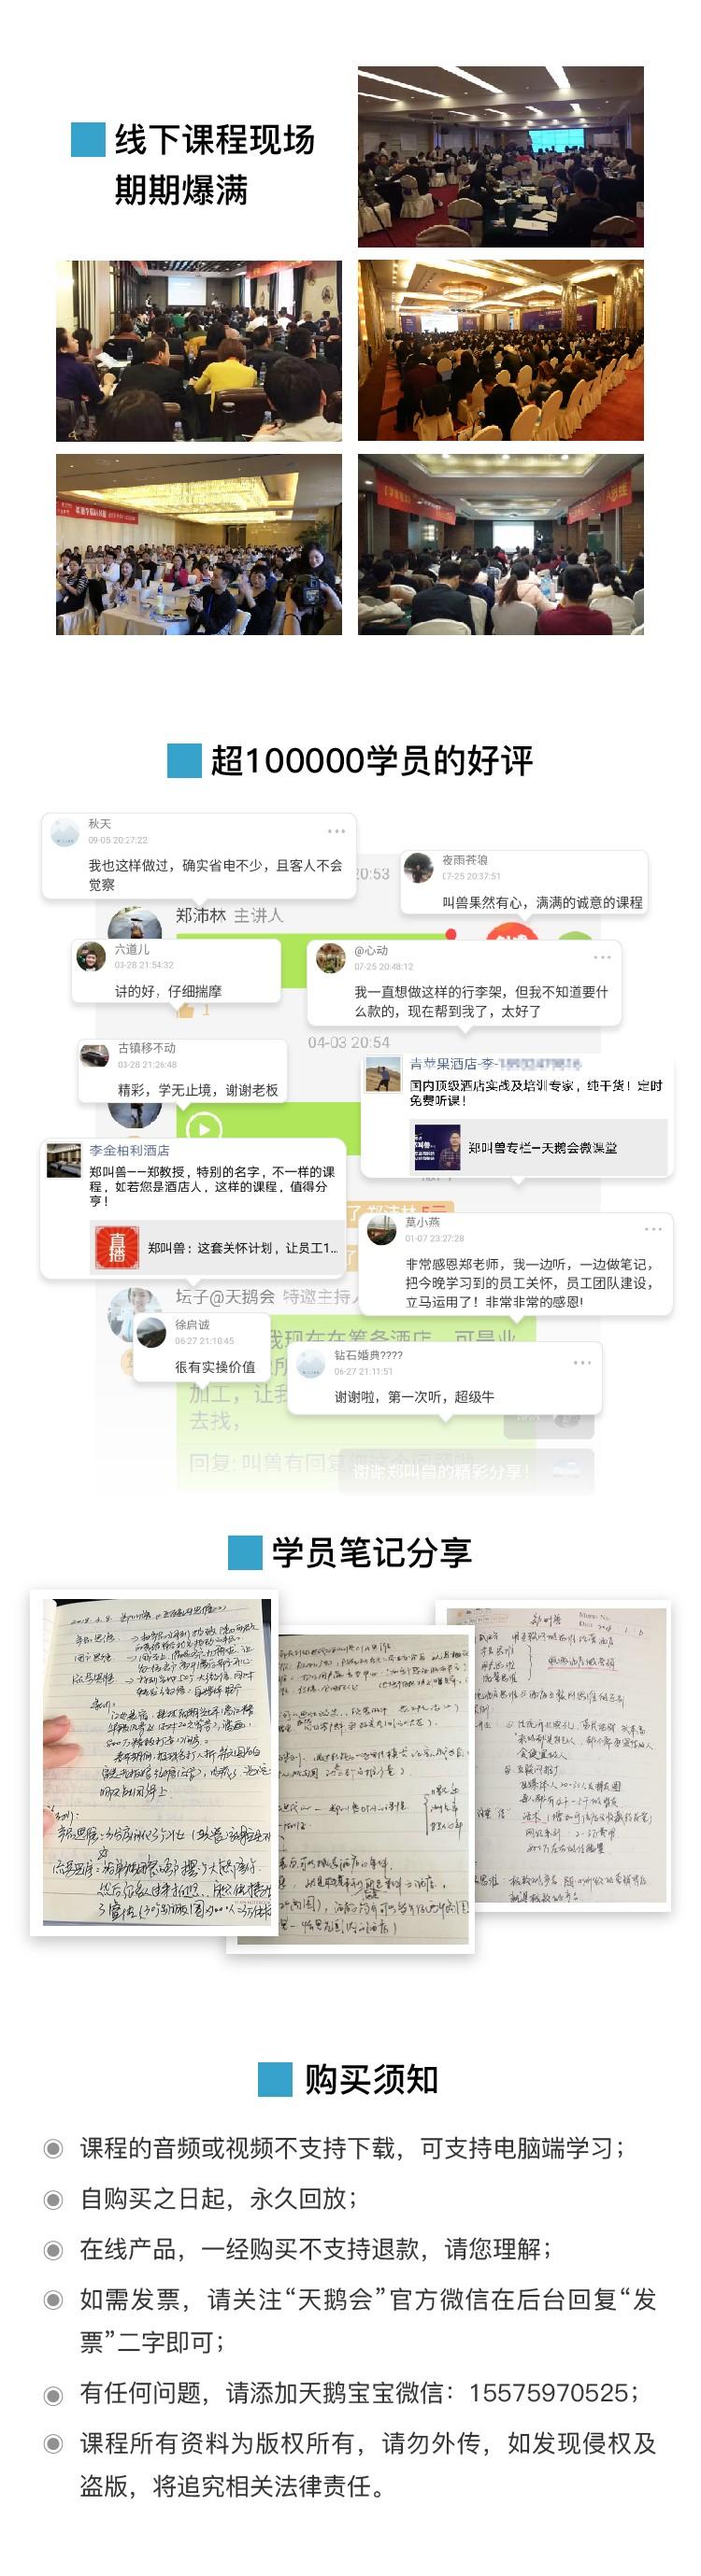 天鹅会推广长图文_画板4(1).jpg